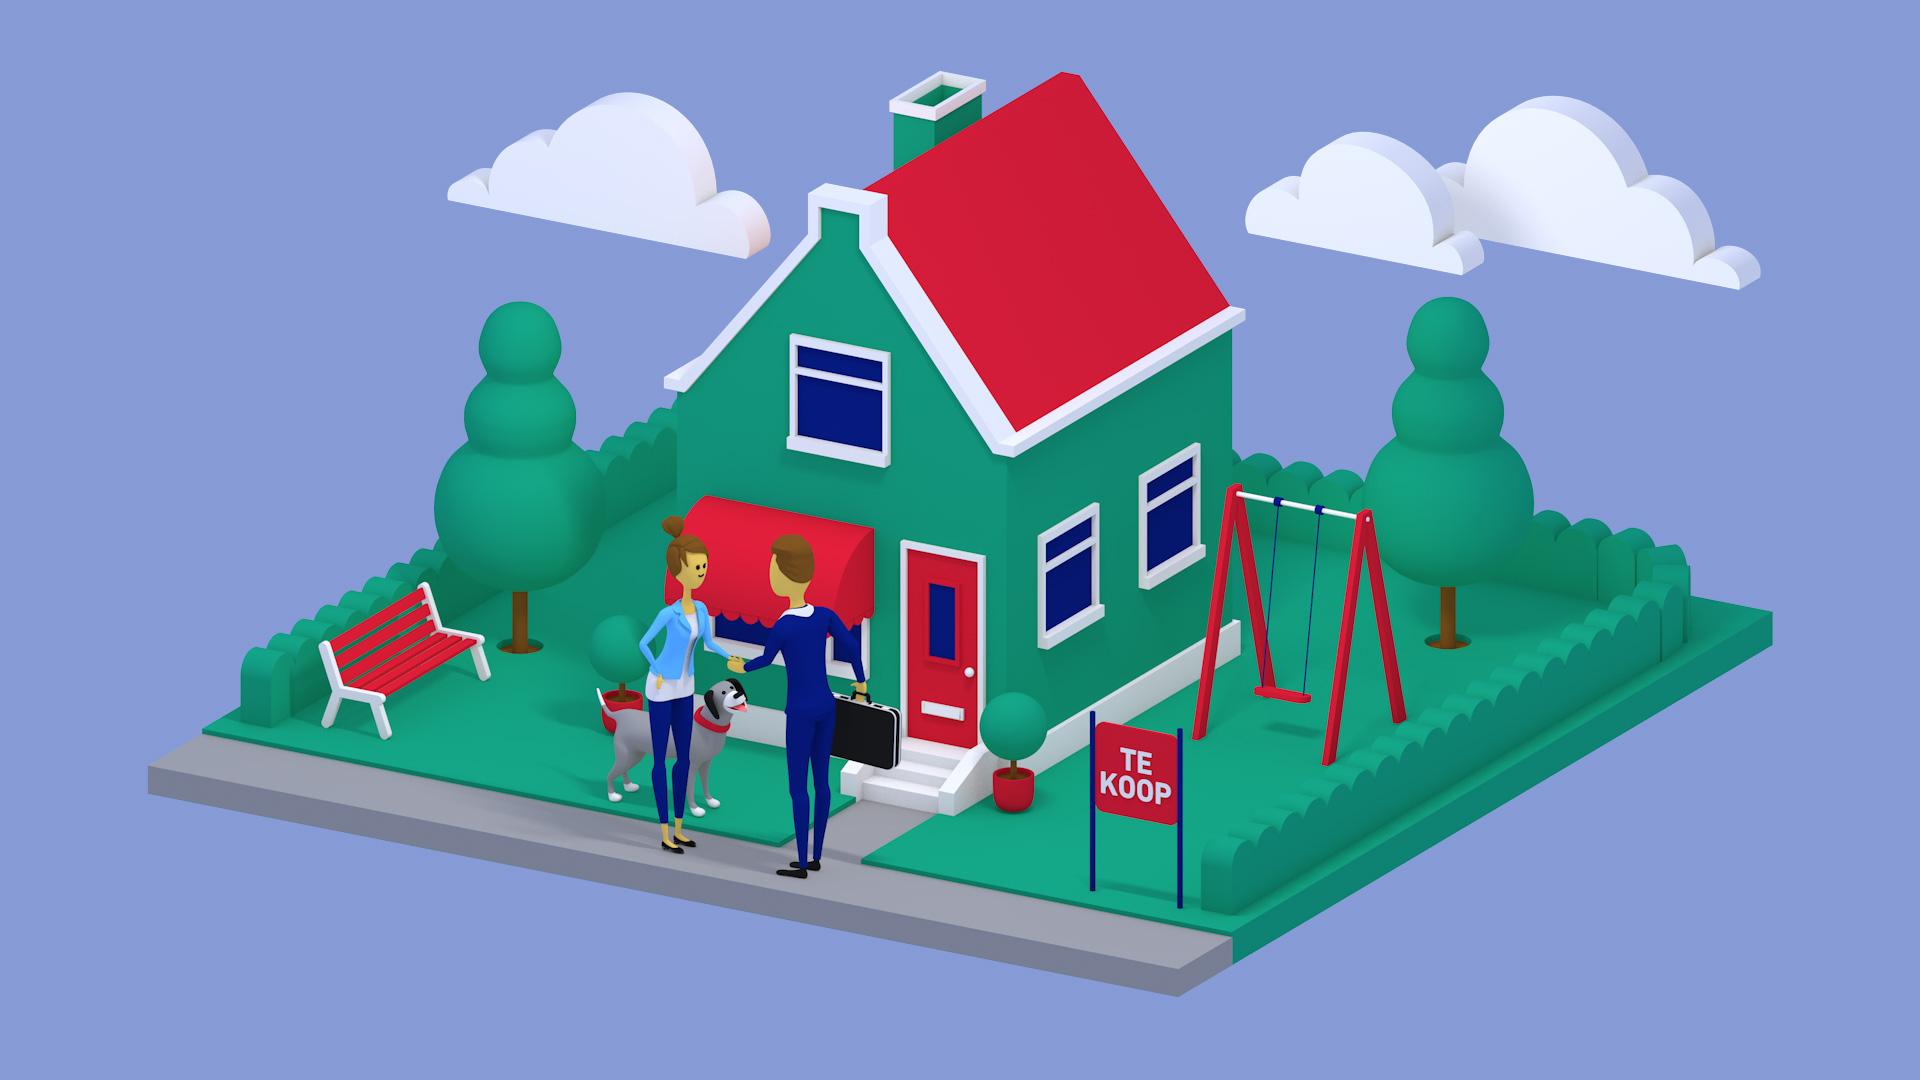 De Hypotheker App